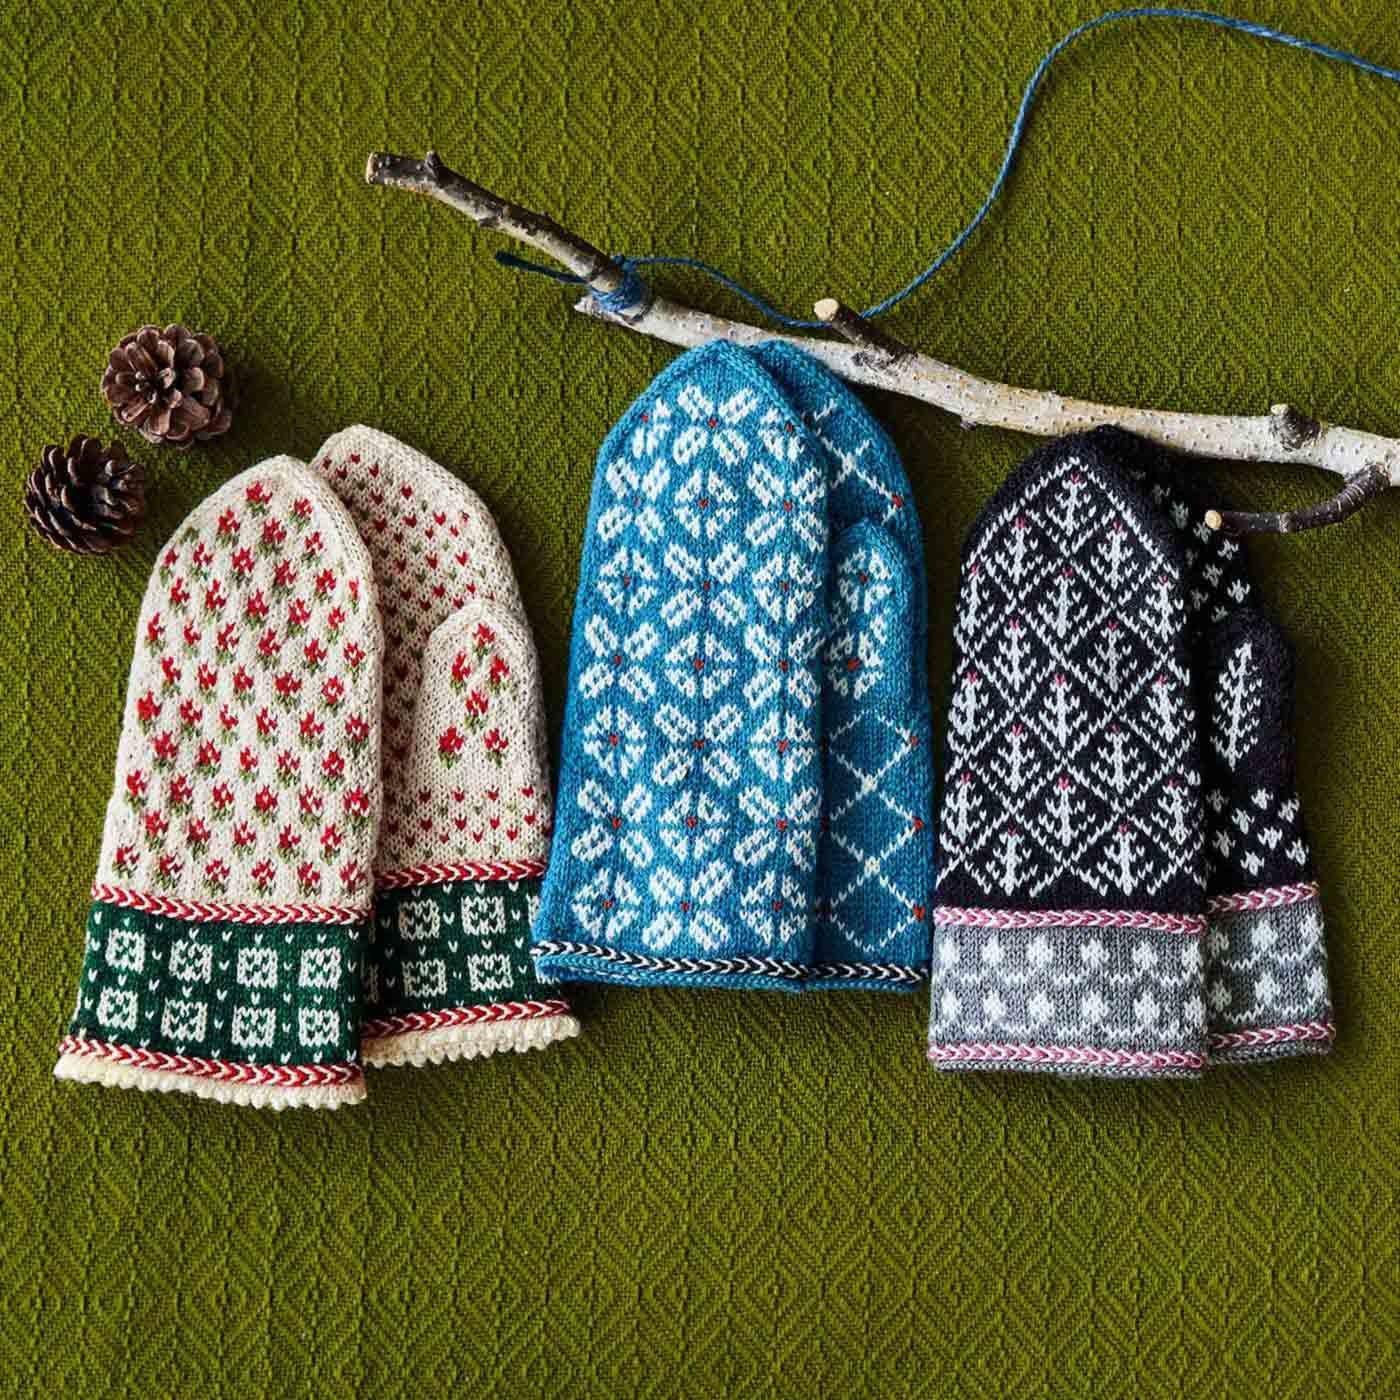 ラトビアにあこがれて 編み込み模様がかわいい 三角あたまのミトンの会